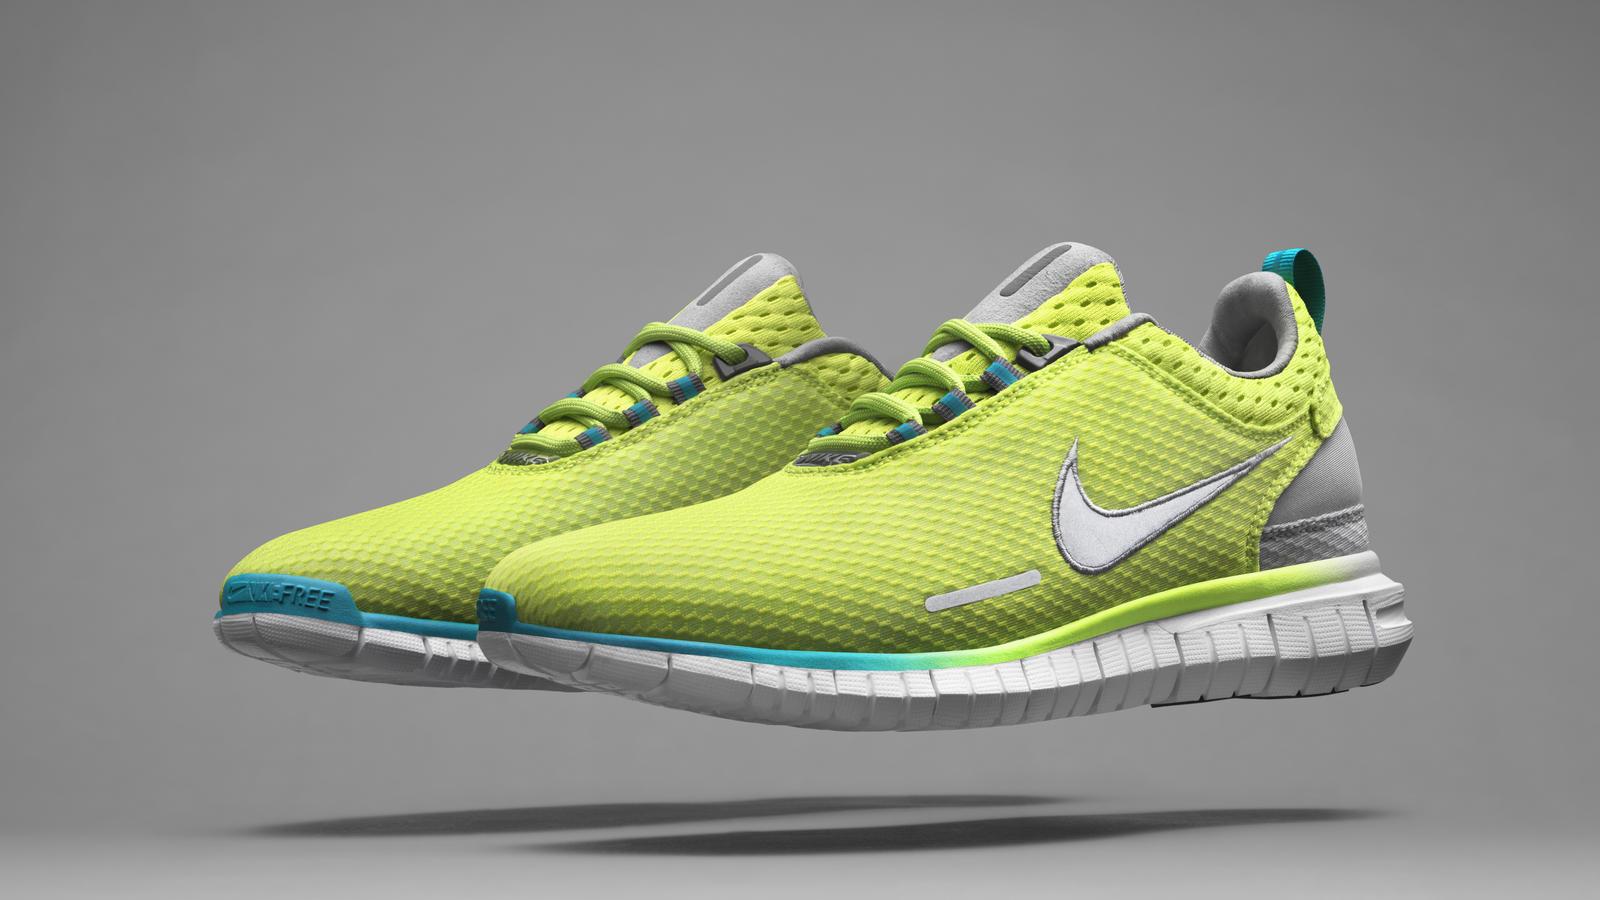 Breathes Again Nike Nike News Free Free awqIqP8t